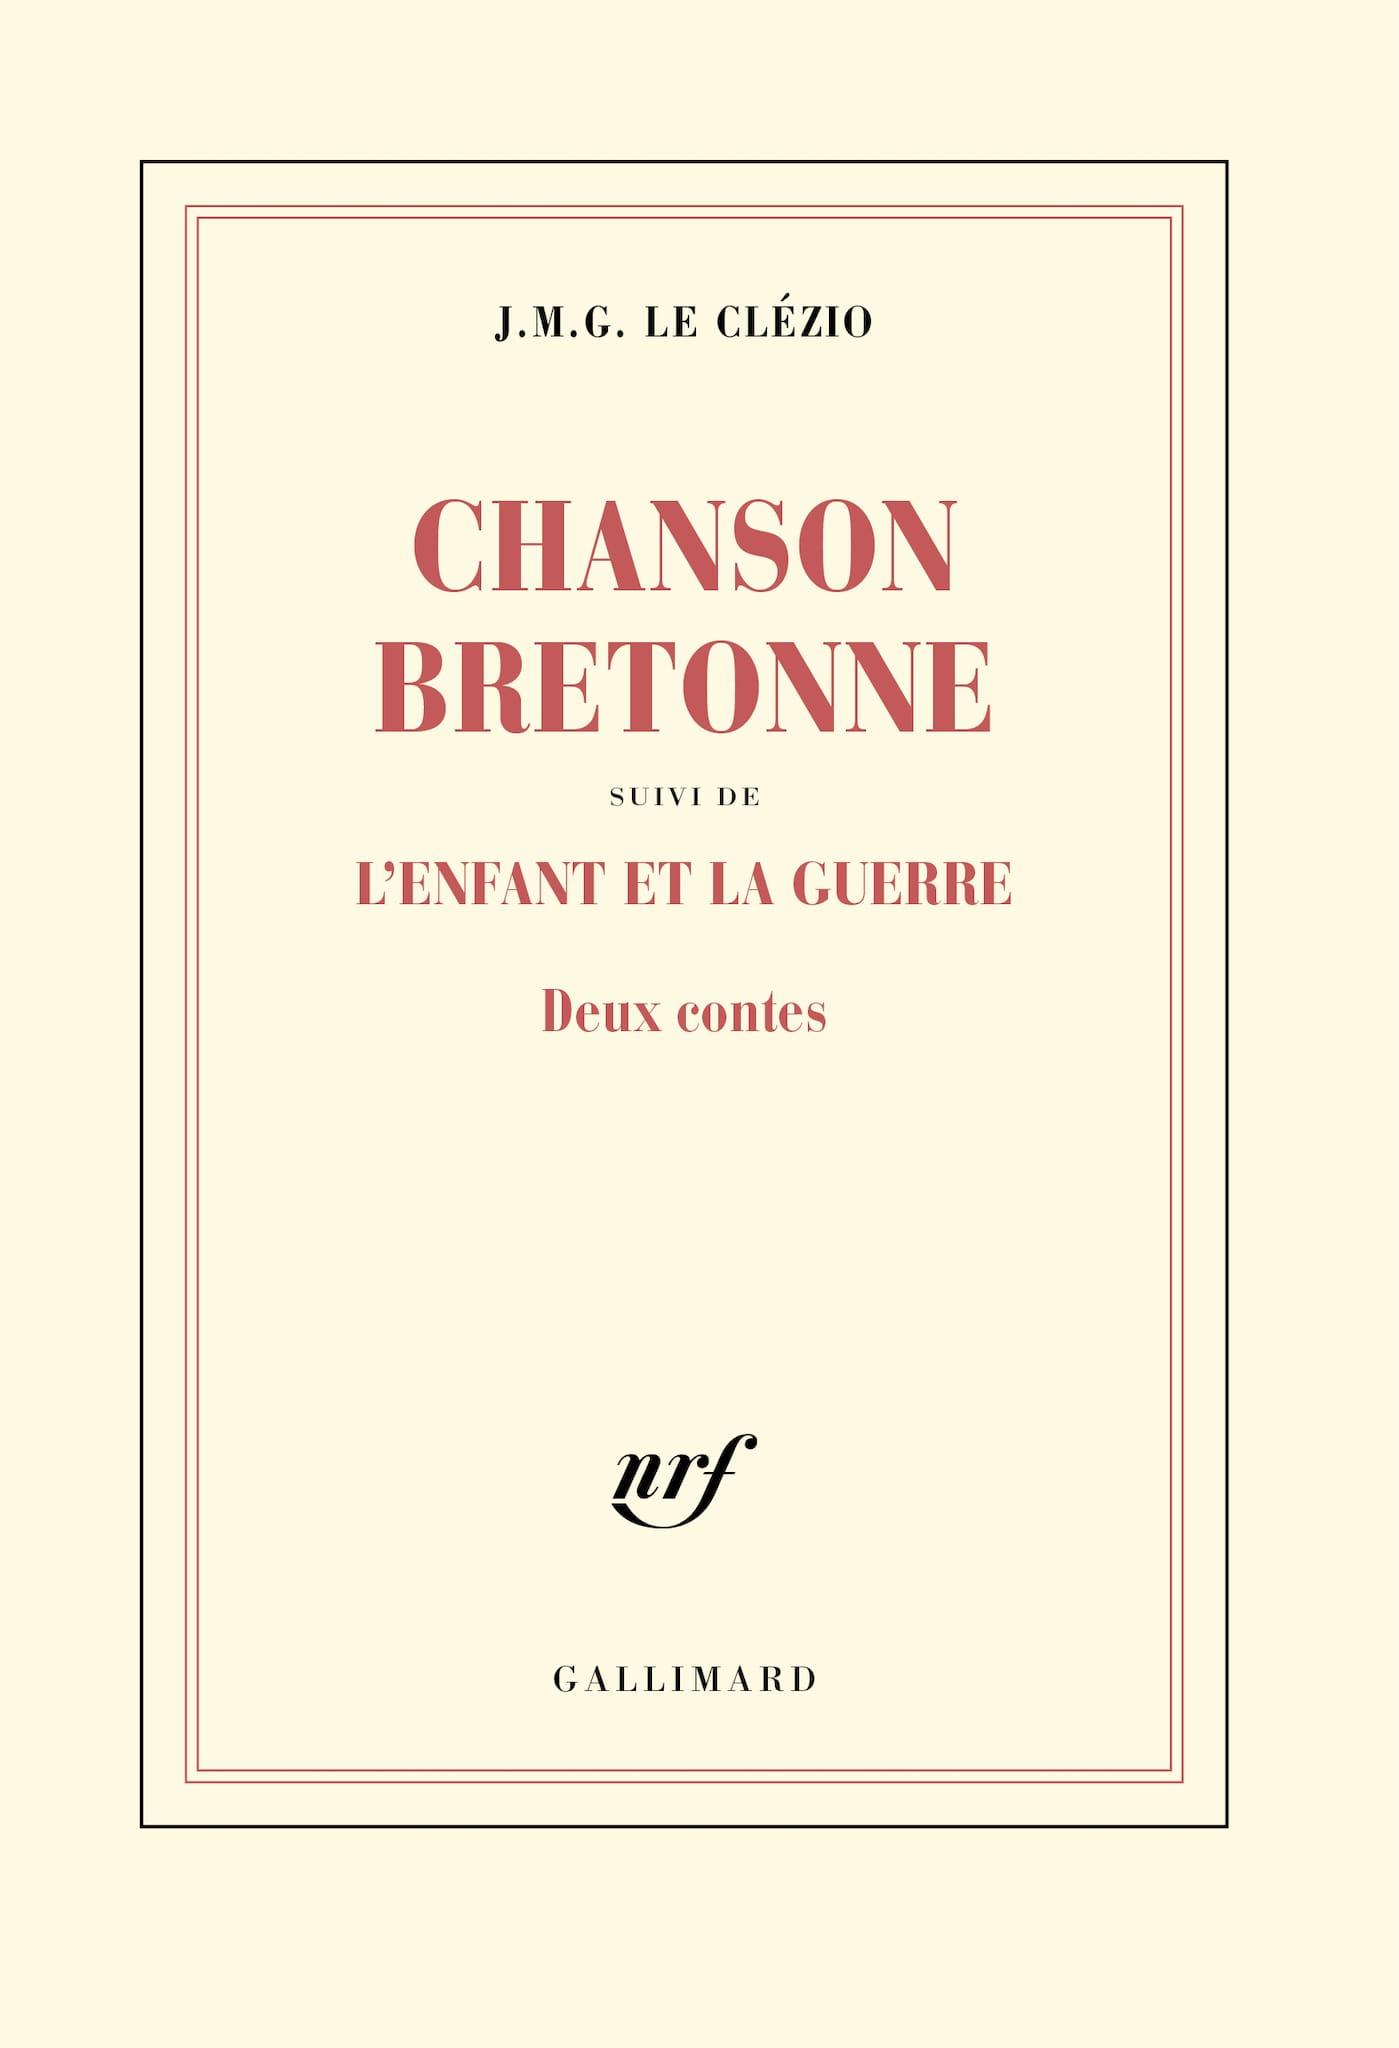 Chanson bretonne suivi de L'enfant et la guerre de J. M. G. Le Clézio image couverture livre 2 contes